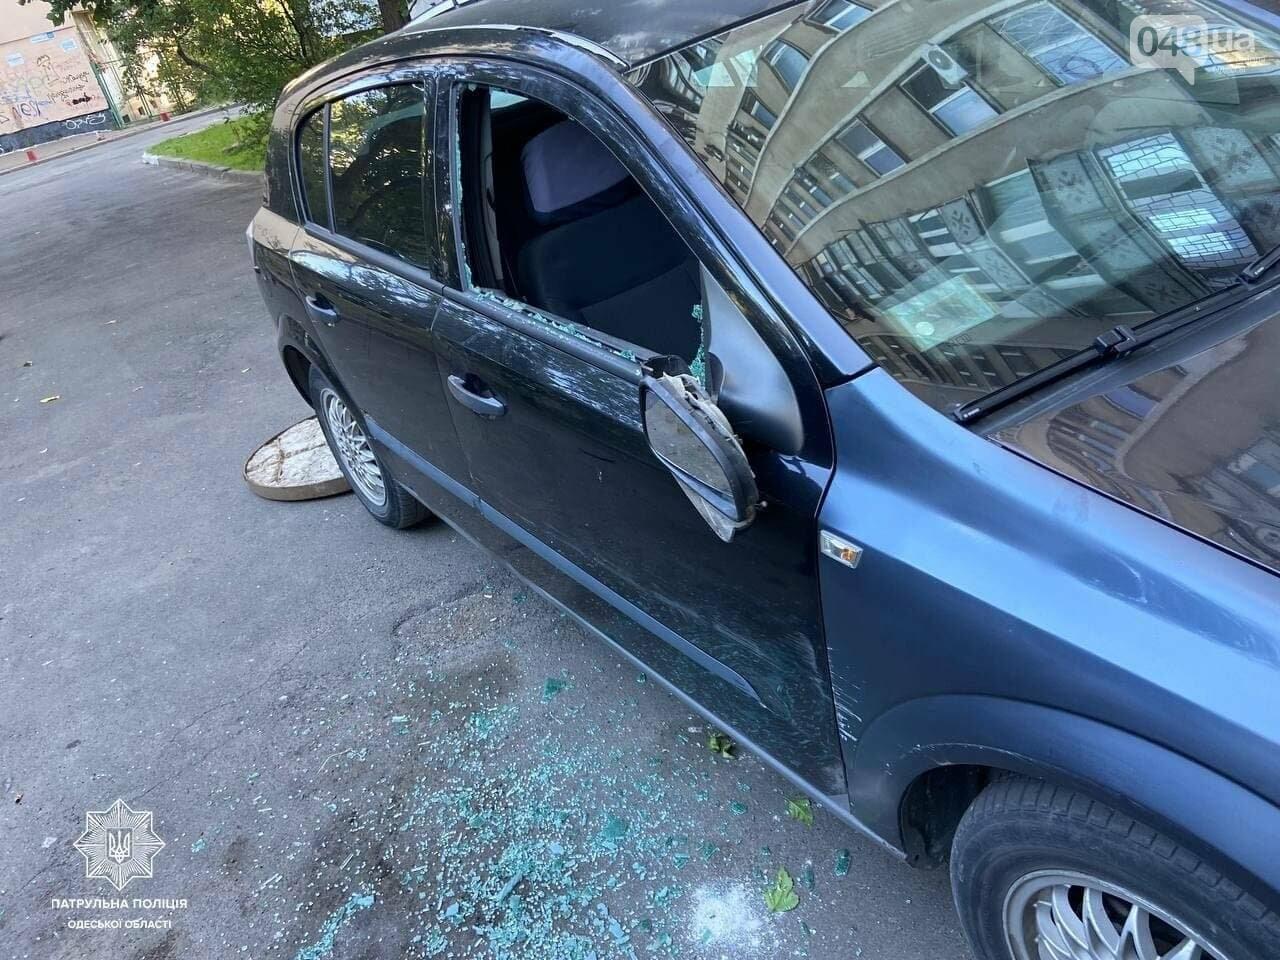 Разбил стекло в автомобиле, ругался матом и бросался на людей: В Одессе патрульные задержали дебошира,- ФОТО, фото-1